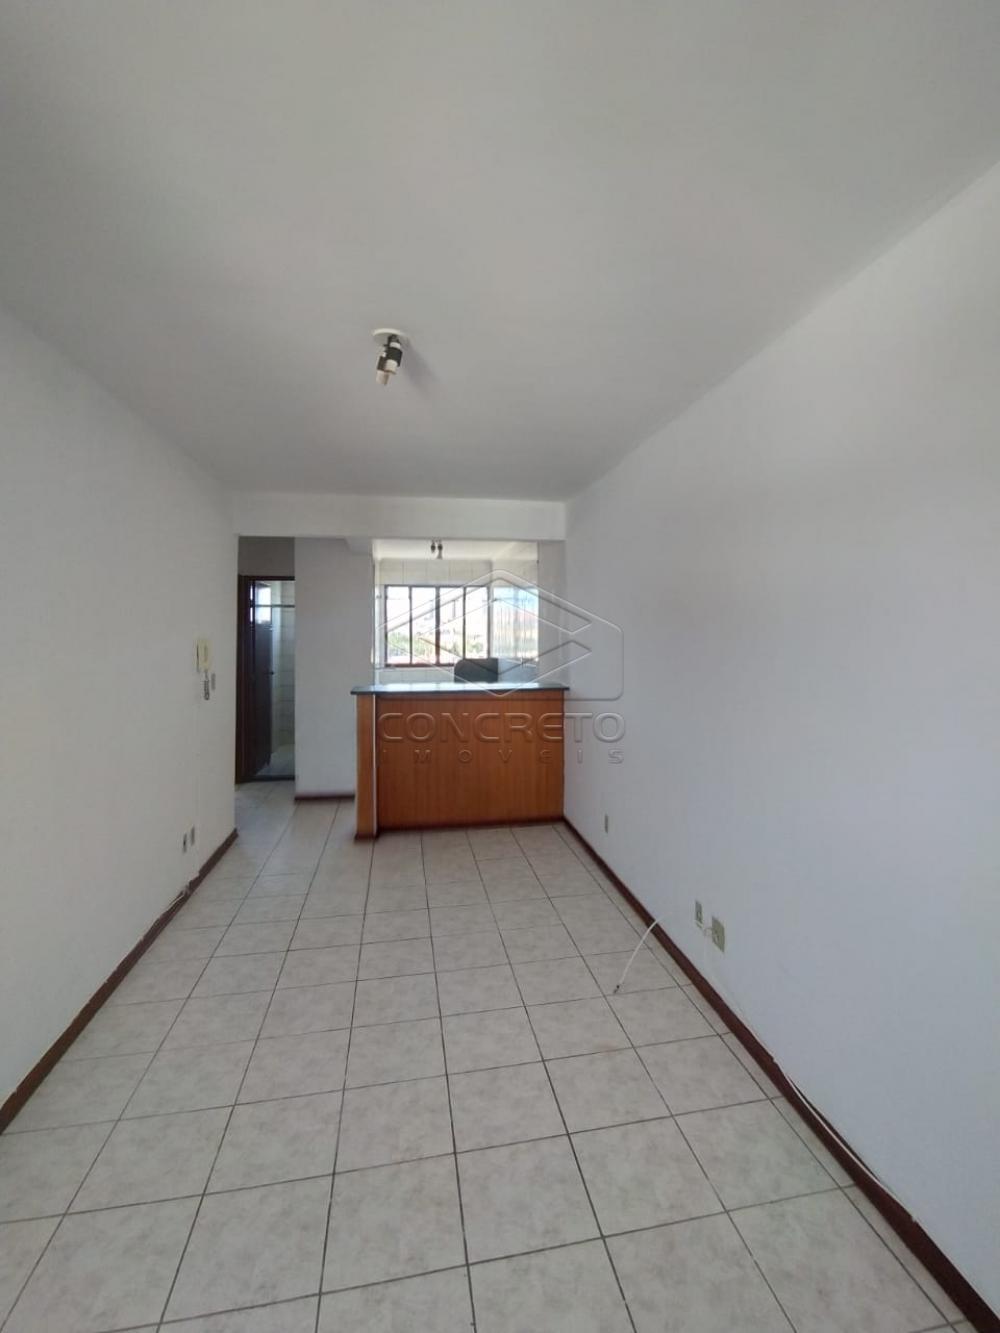 Alugar Apartamento / Padrão em Bauru R$ 700,00 - Foto 10